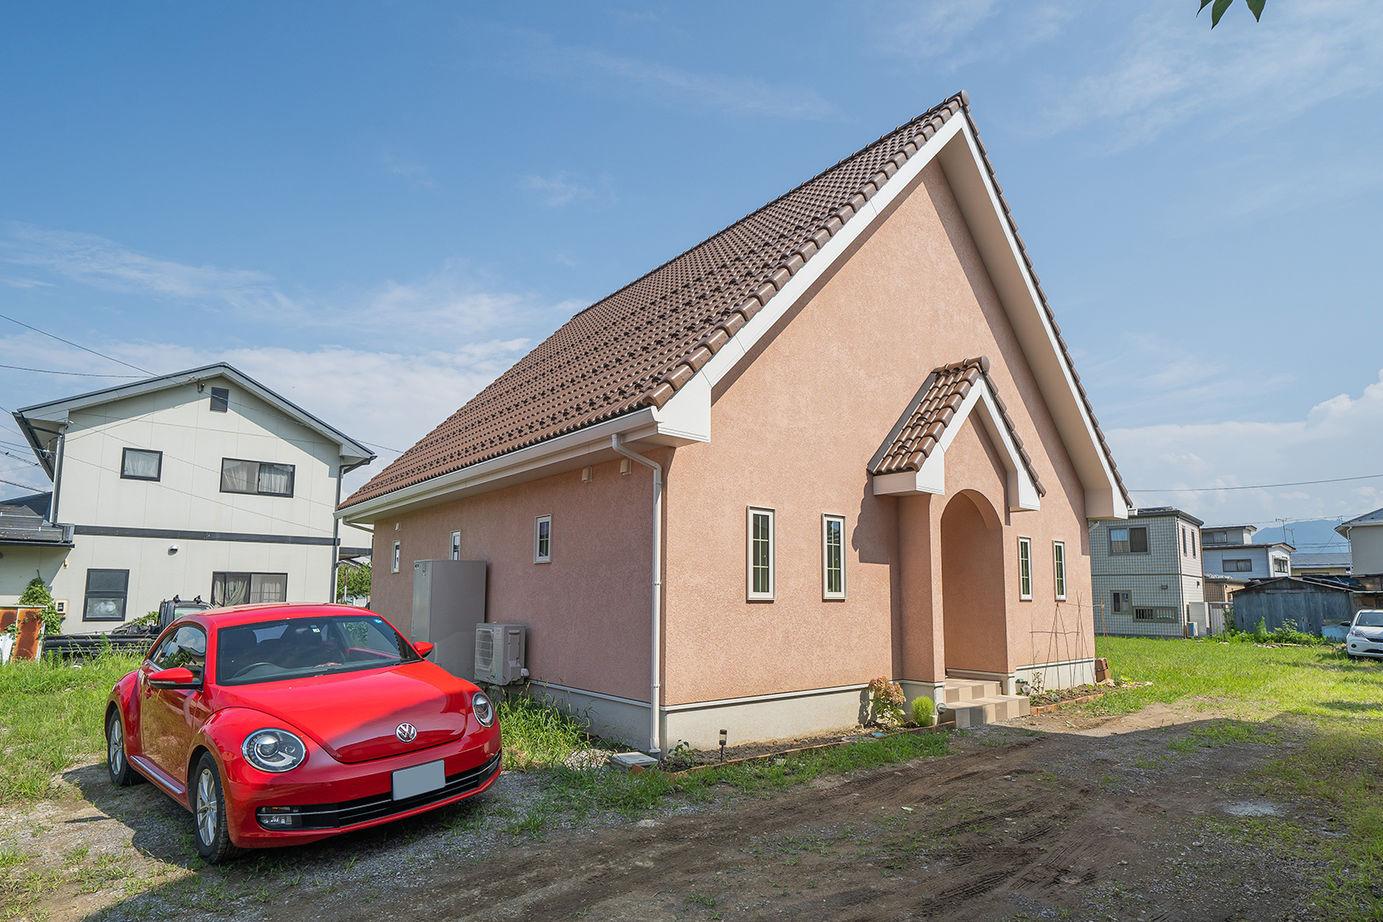 10寸勾配屋根が目印!こだわりのデザインと家事ラクの工夫が満載の平屋の家<27.6坪/間取り図あり>画像1